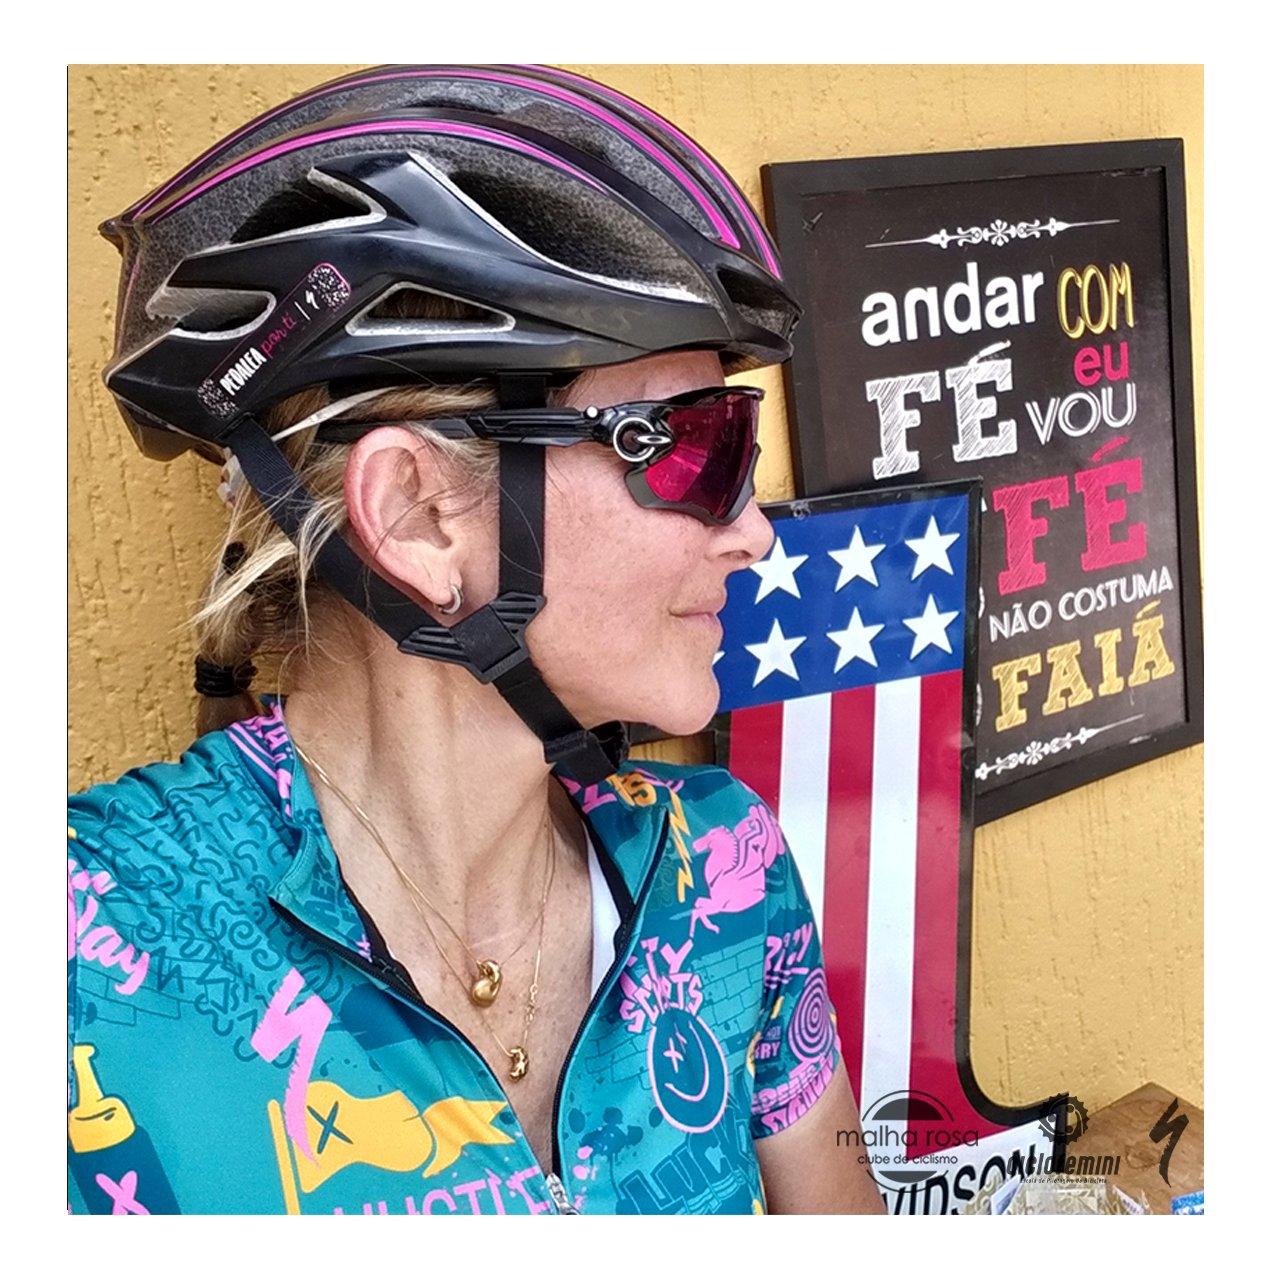 Ciclofemini - escola de pilotagem de  bicicleta